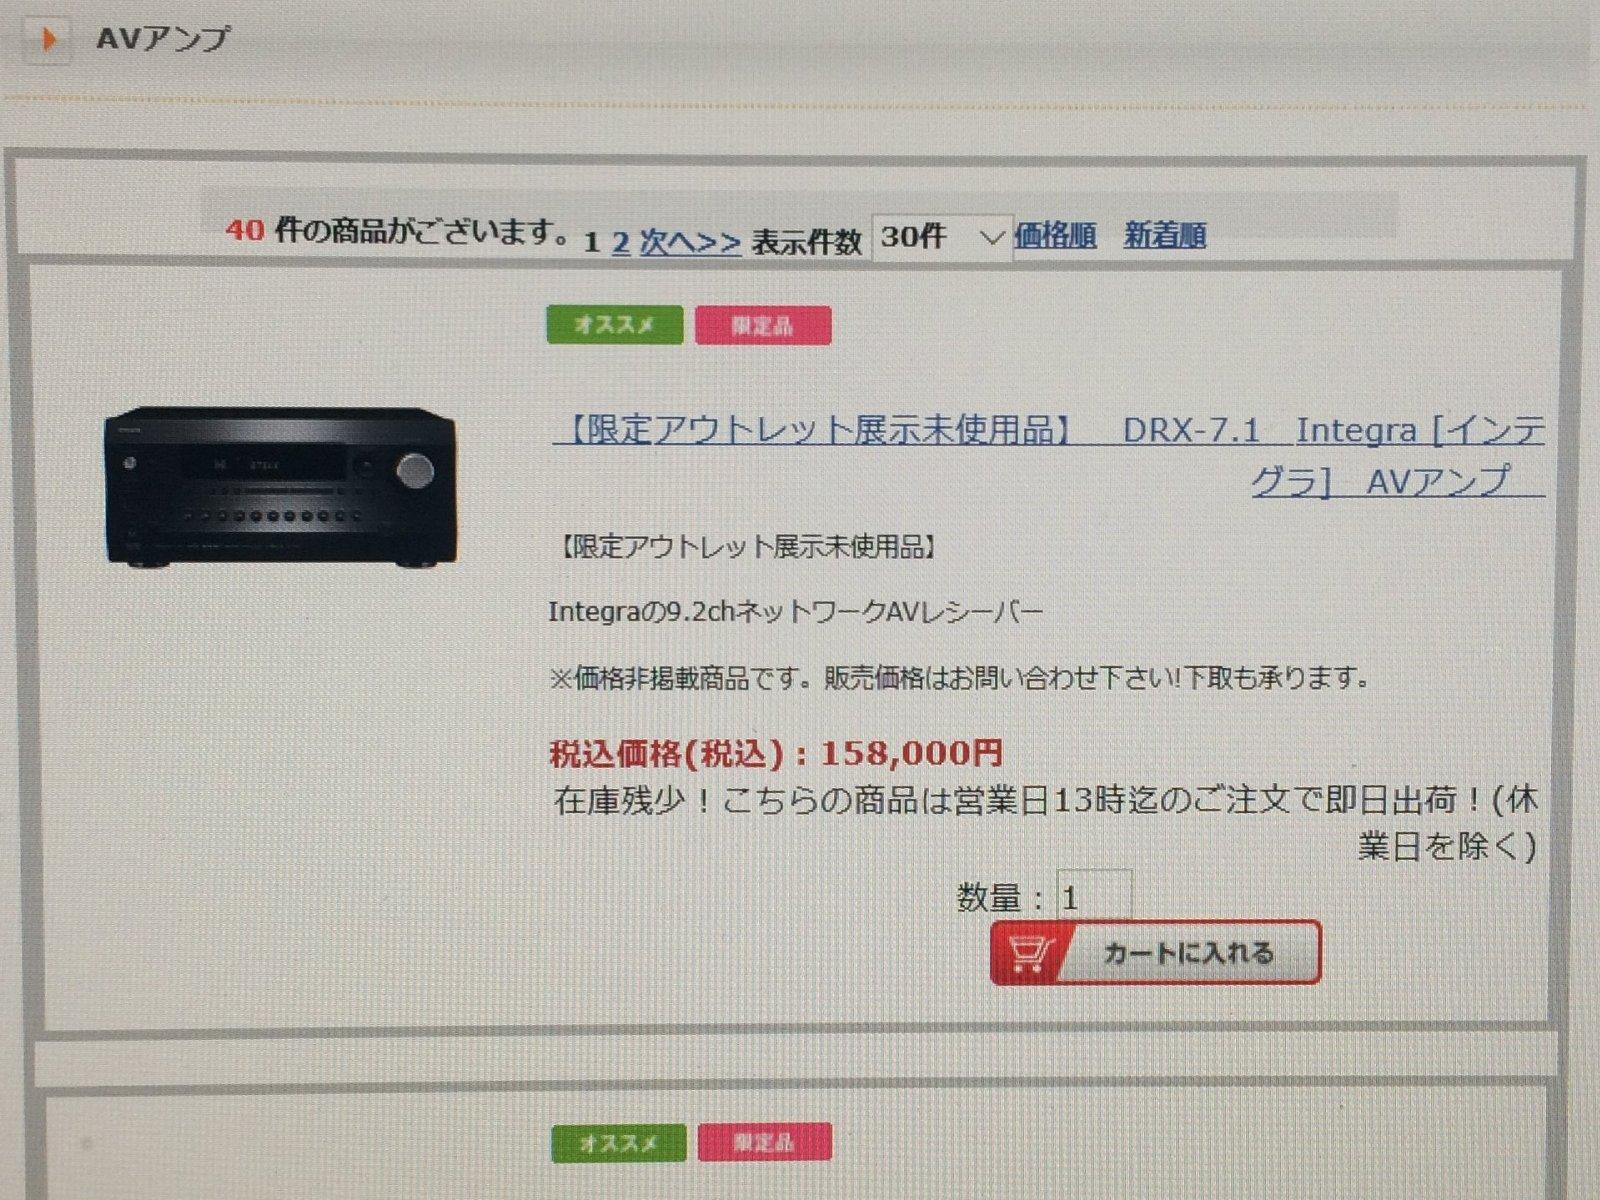 DRX-7,1 15万8千円になってる?